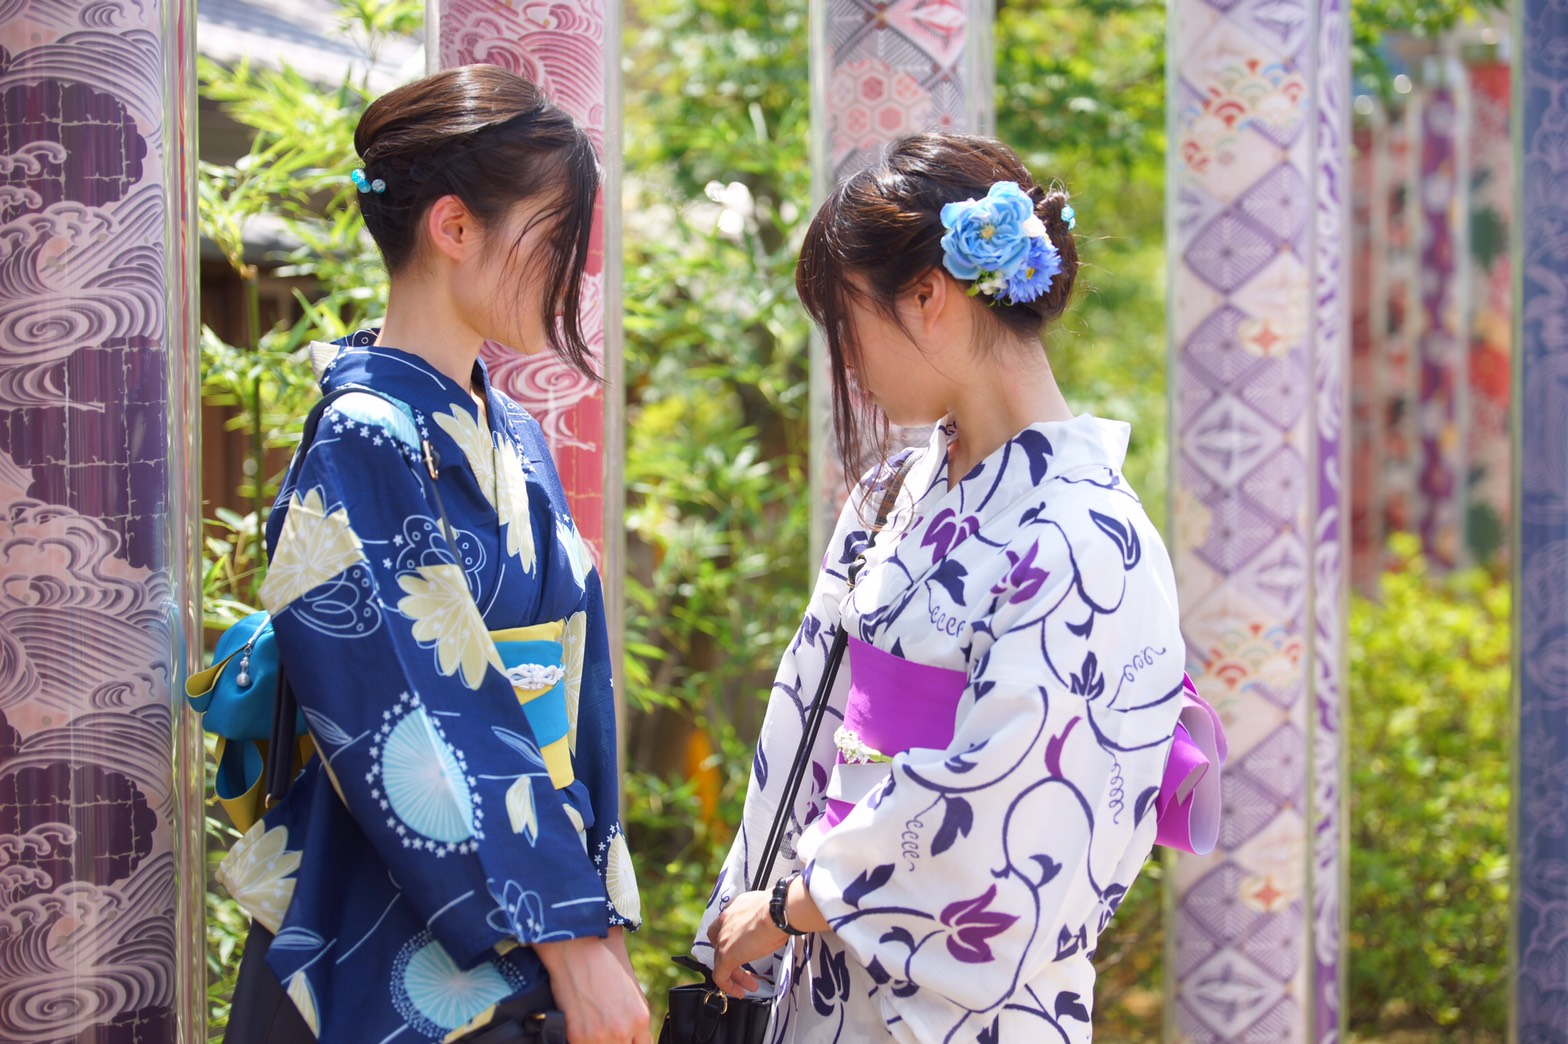 下鴨神社 糺ノ森でゆったりと♡2019年8月9日5